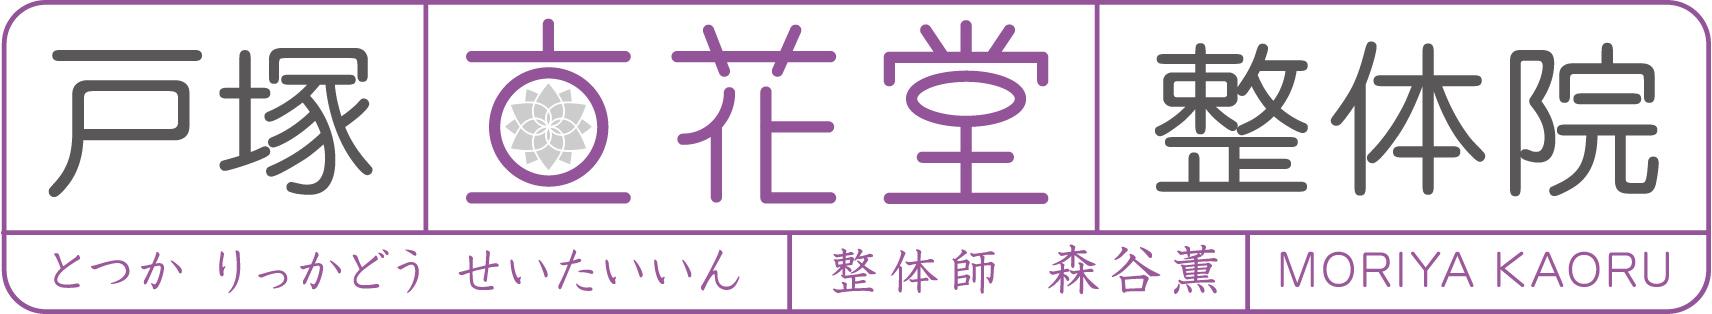 神奈川県横浜市のアトピー性皮膚炎の改善専門の整体